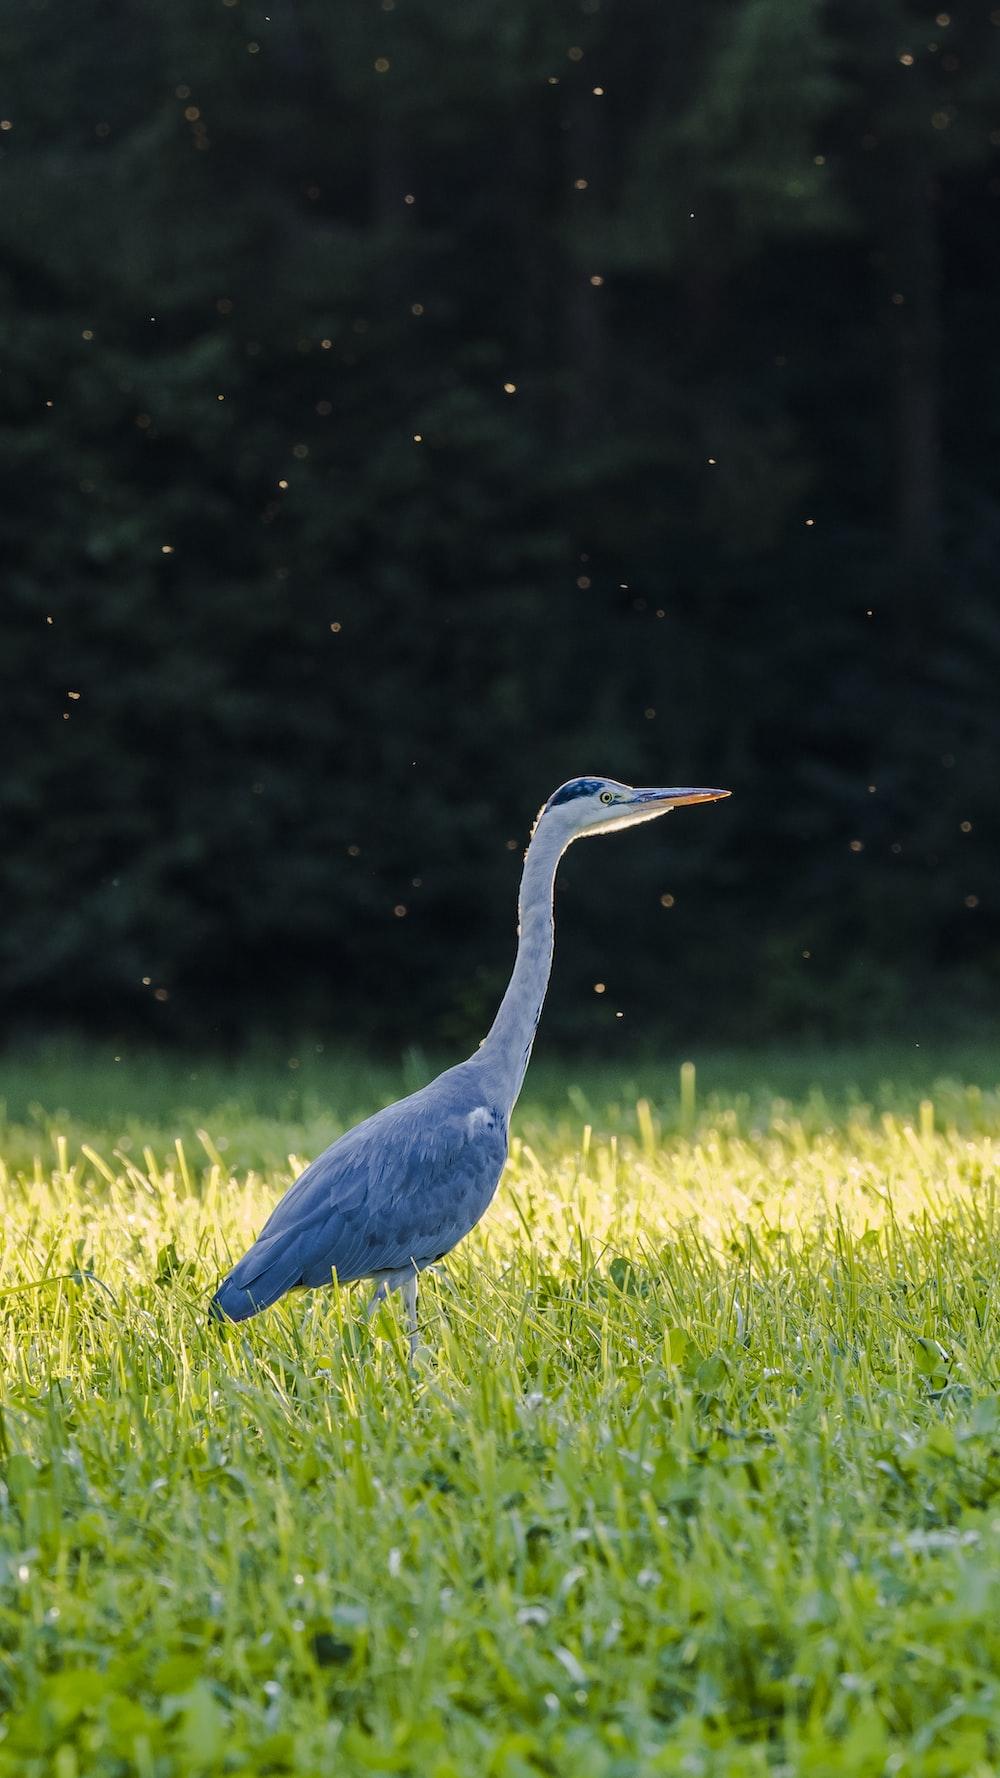 blue long beak bird on green grass field